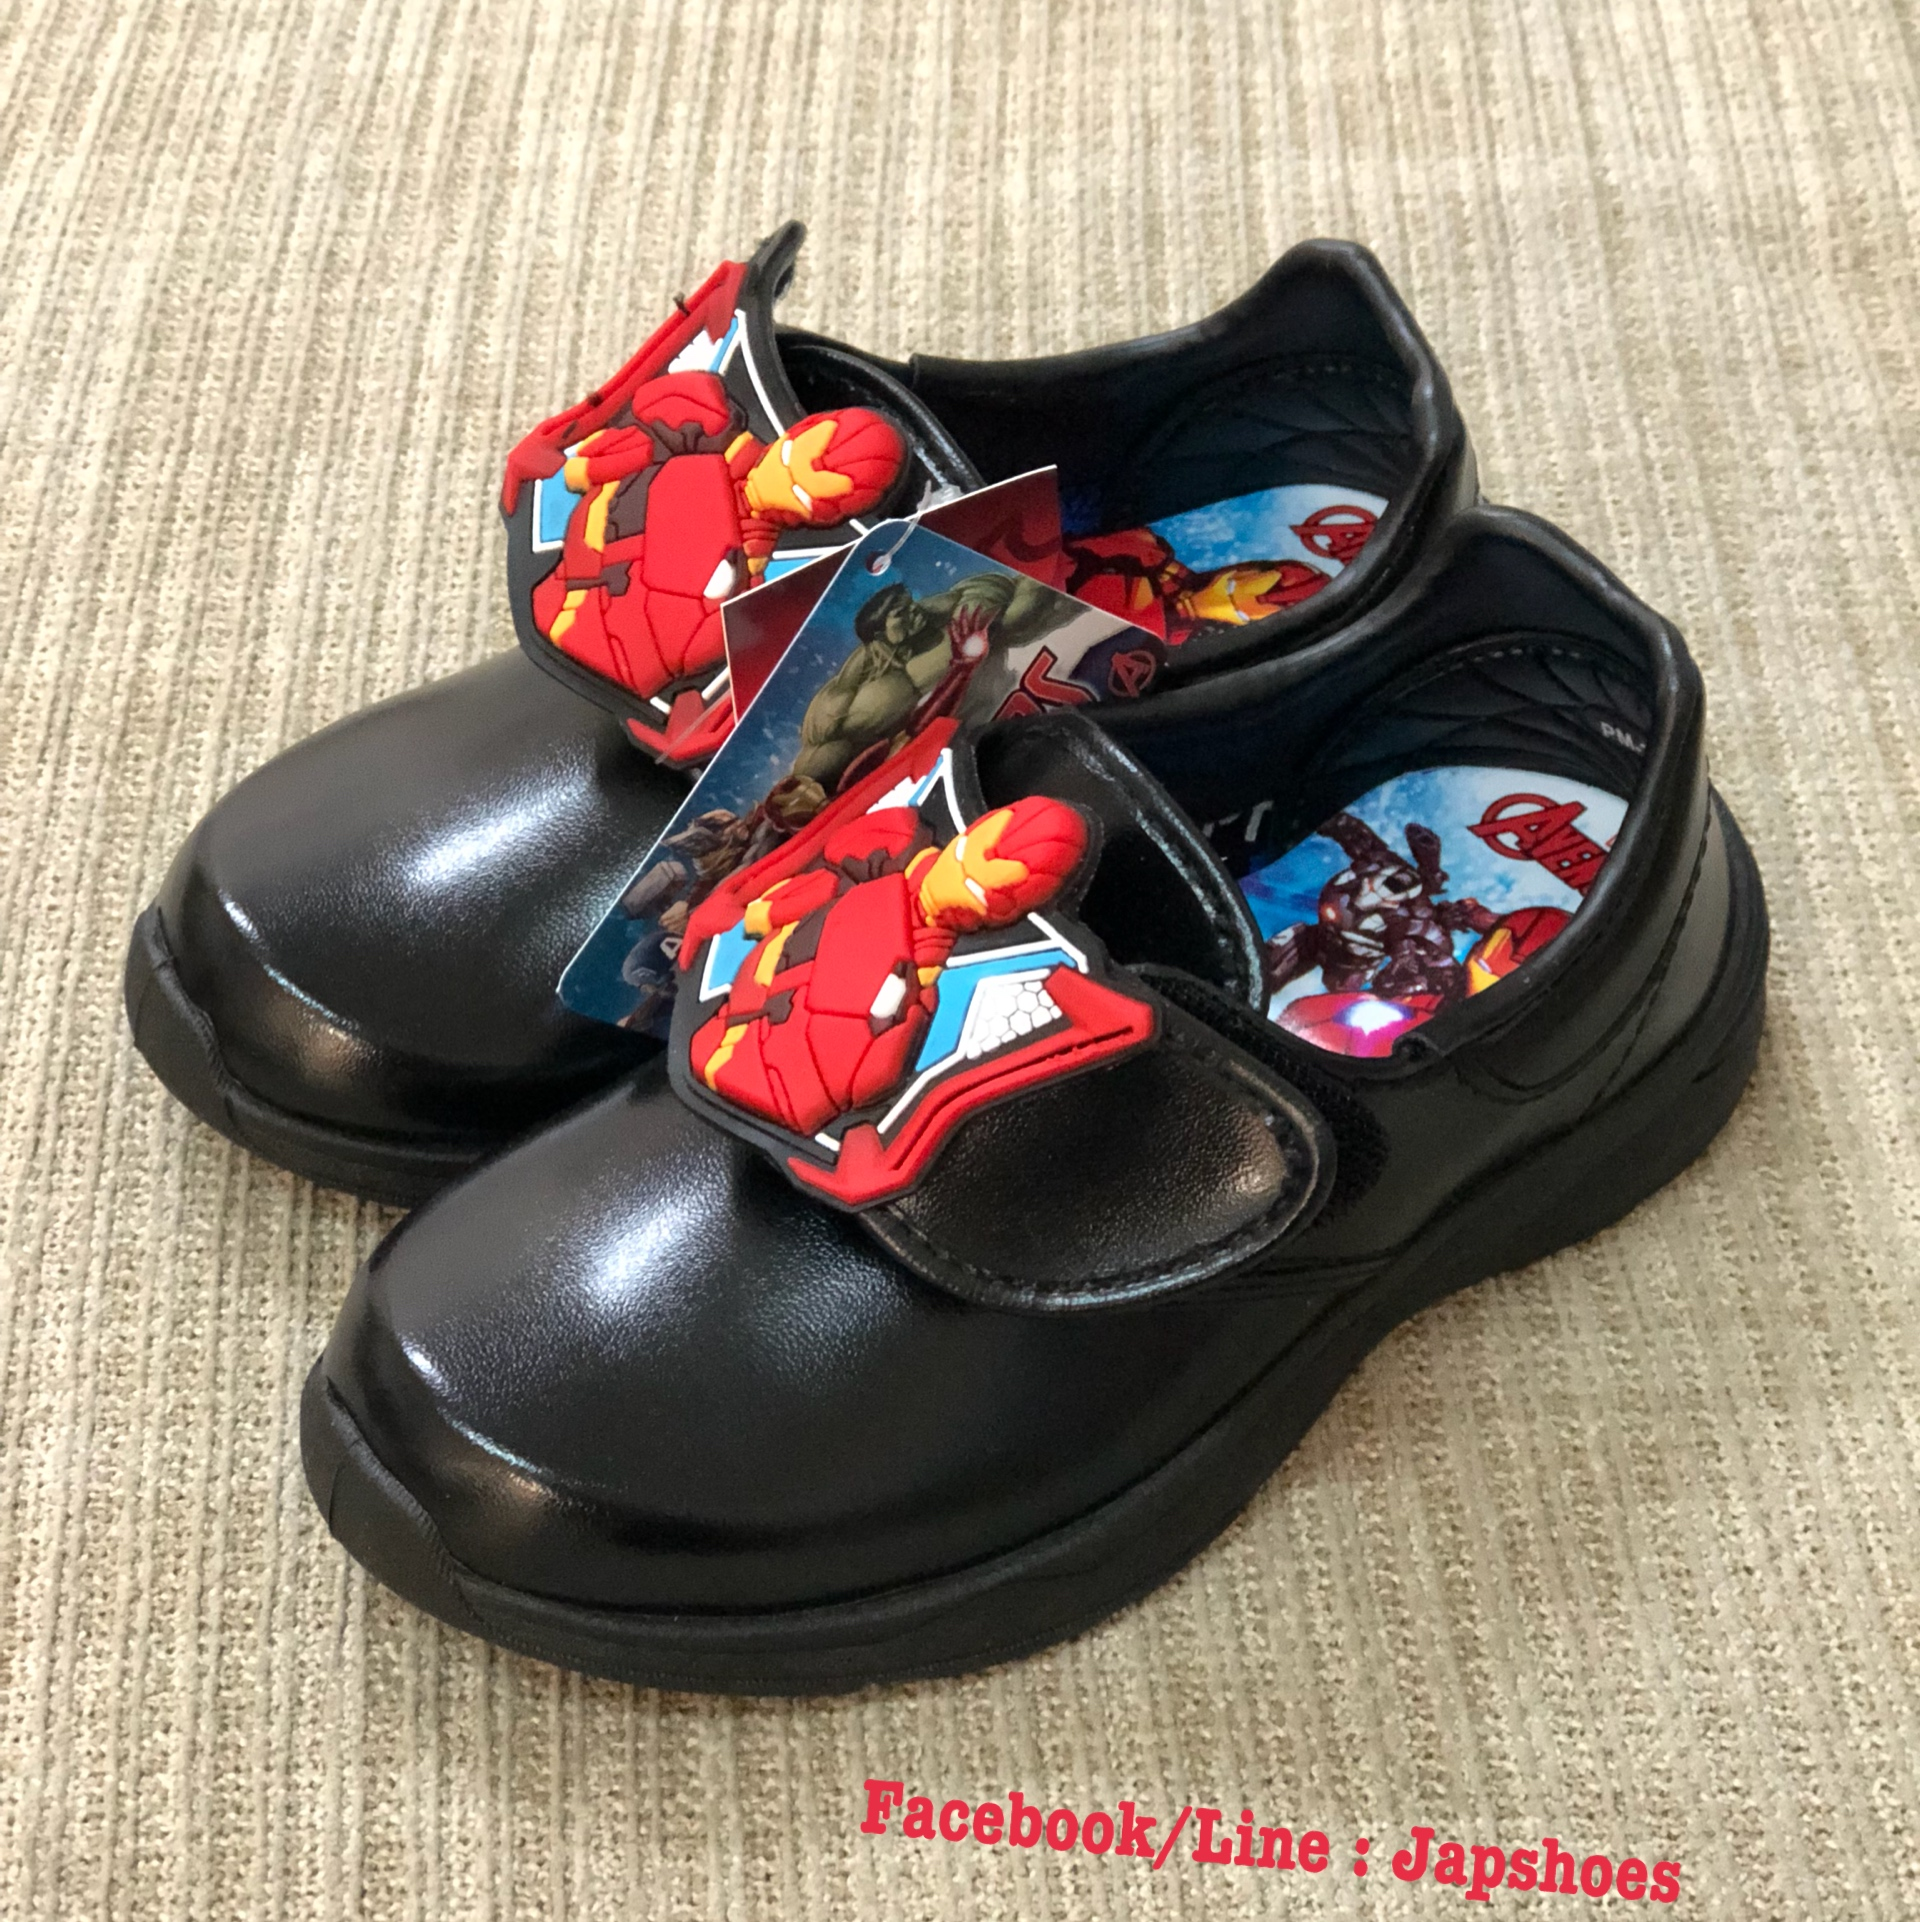 รองเท้านร อนุบาลชาย Ironman(Popman)